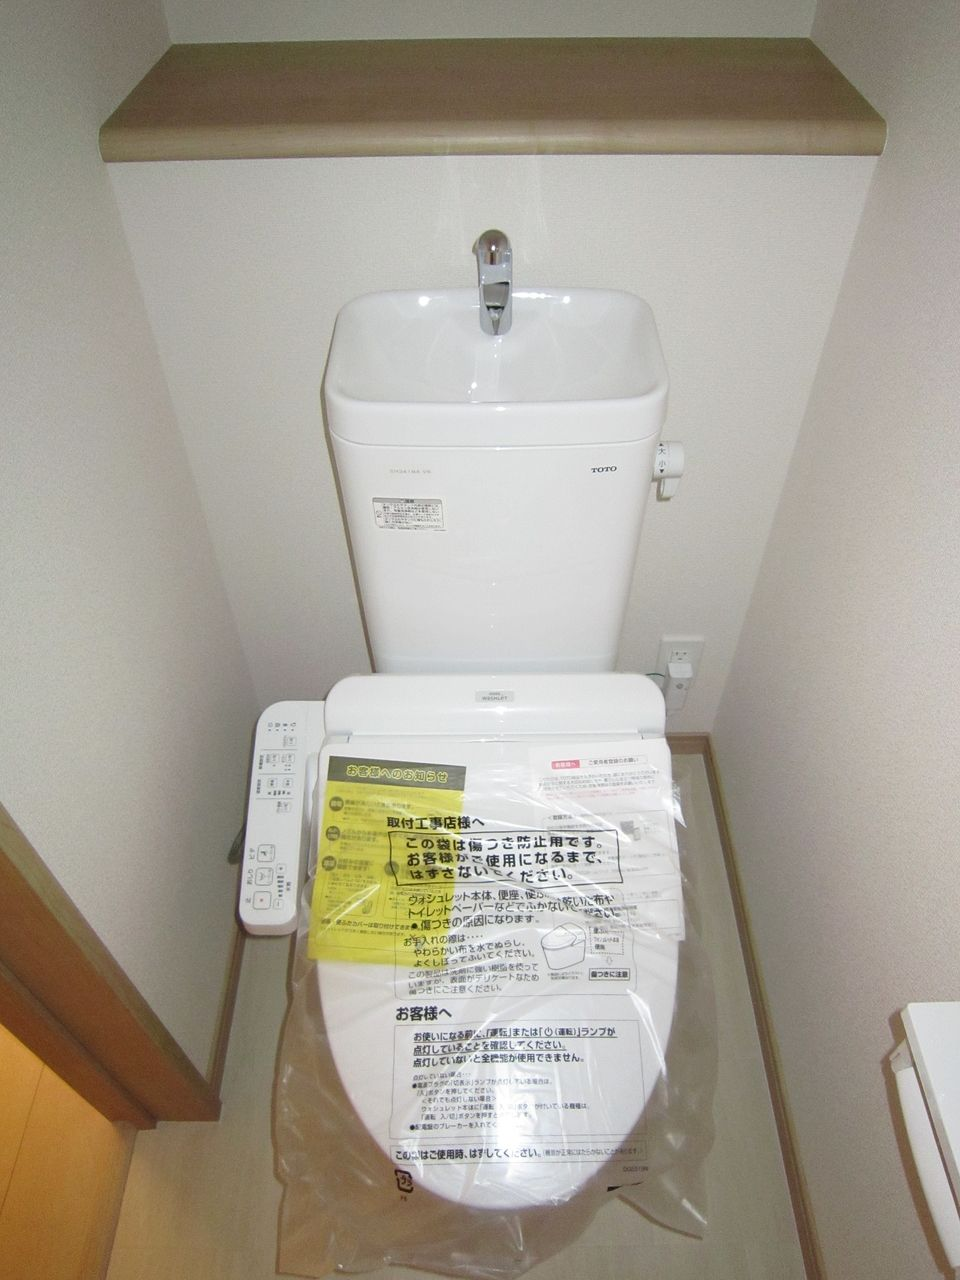 1階2階にそれぞれあるトイレはTOTOのウォシュレット付きの節水トイレです。